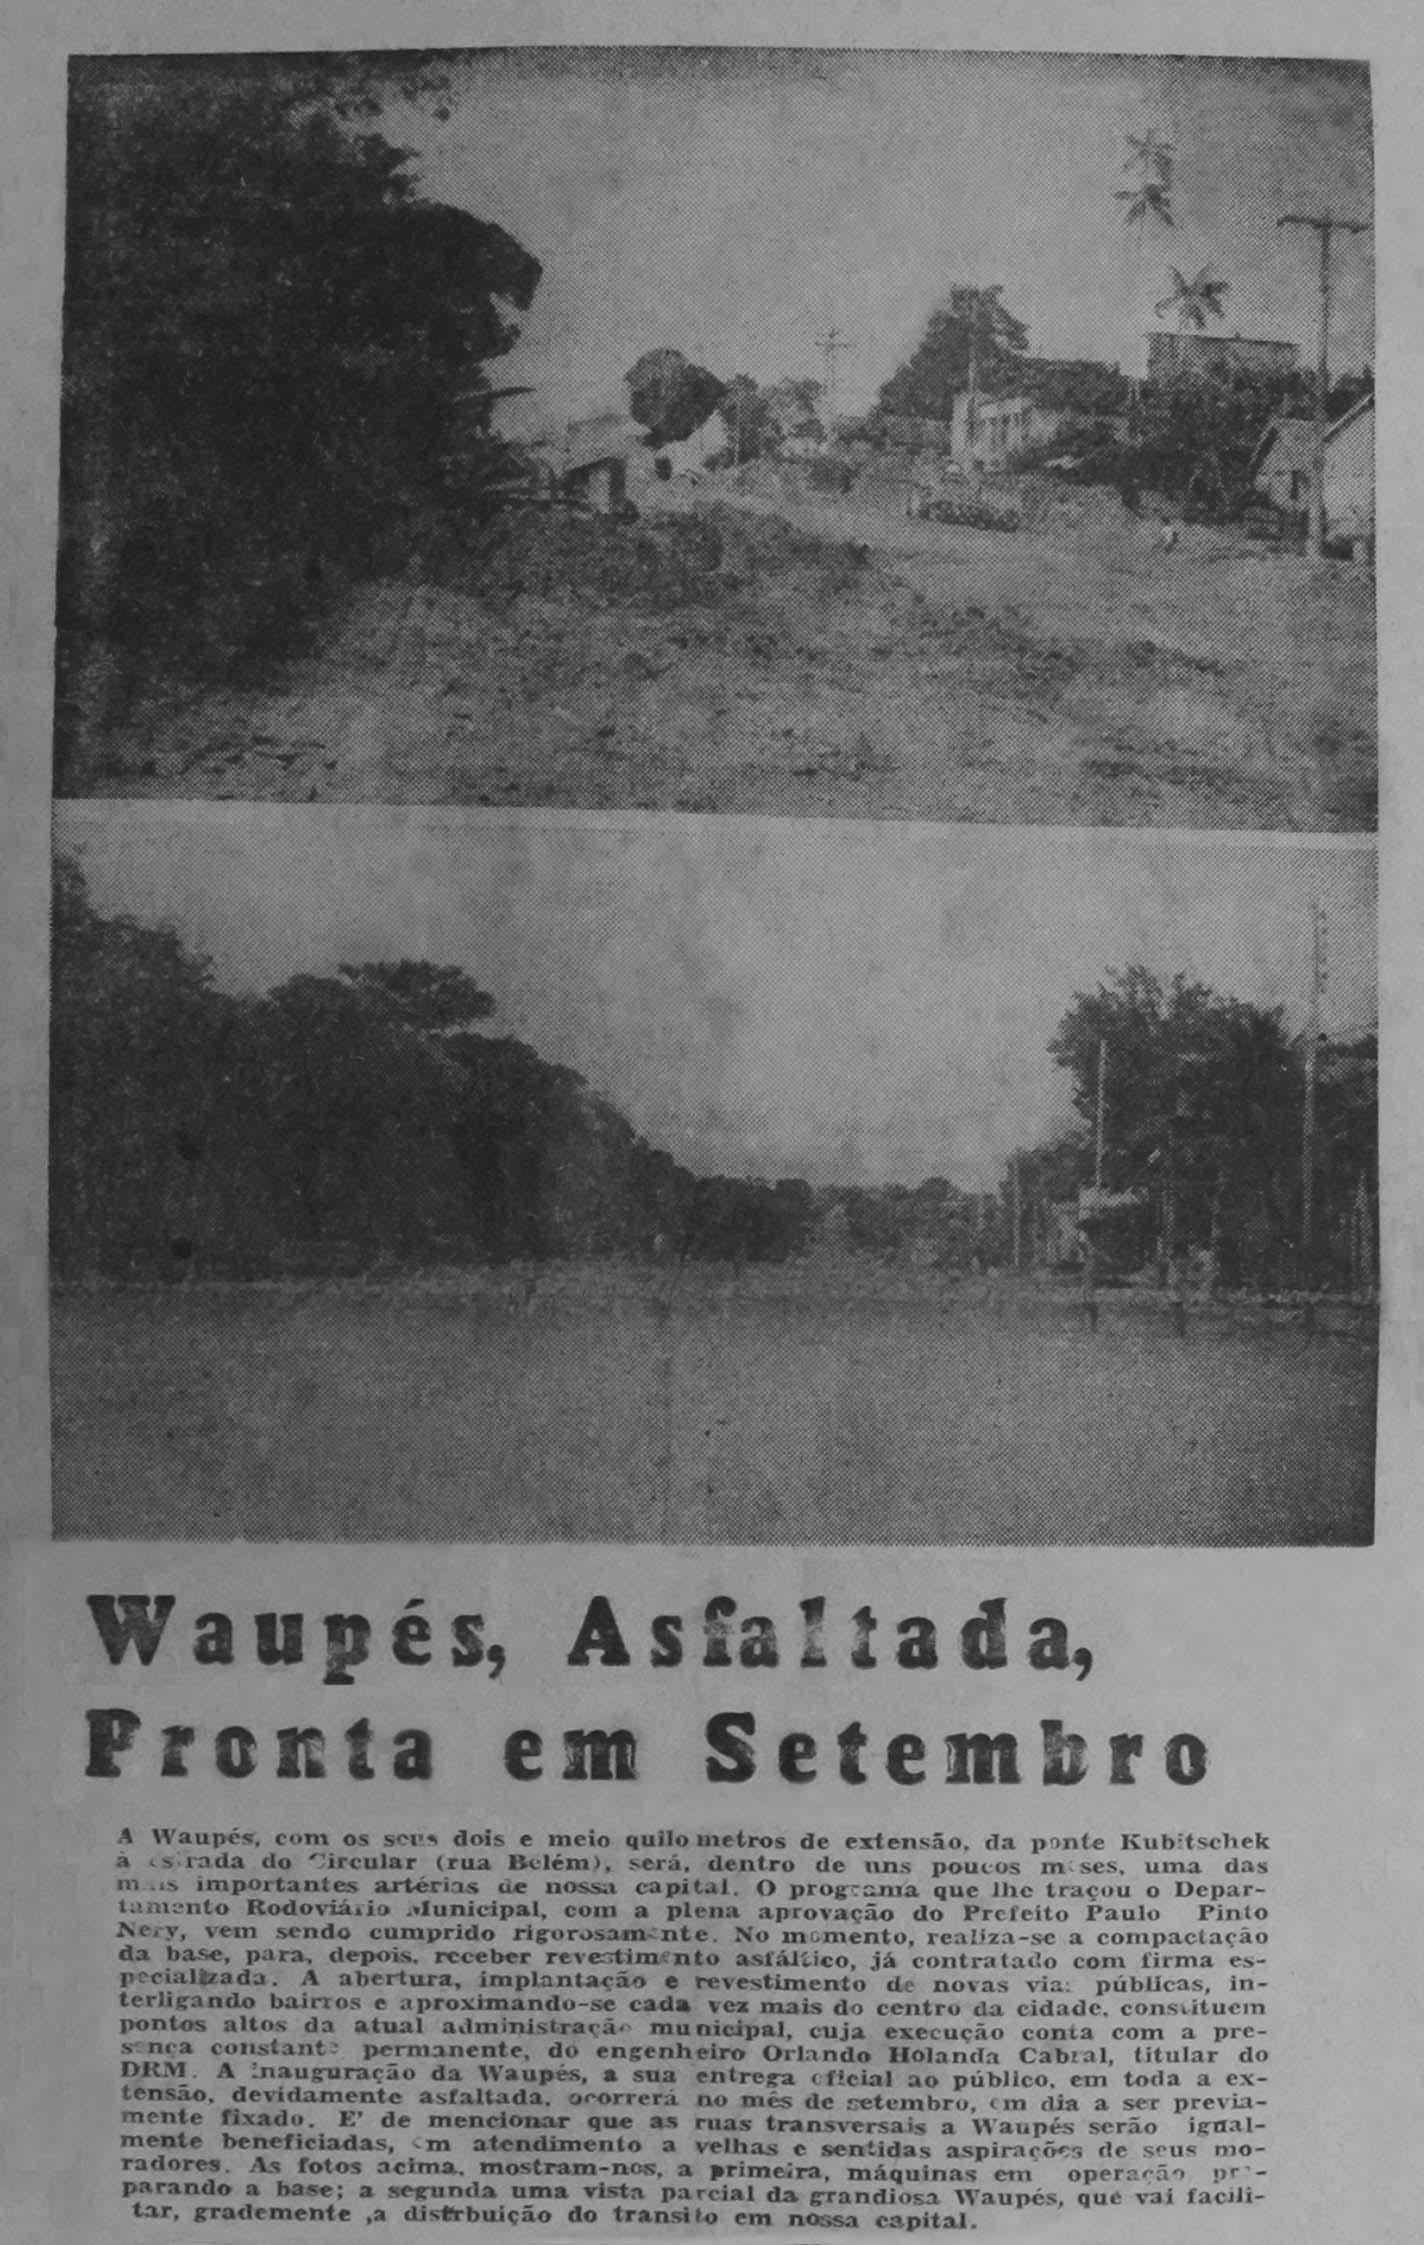 Avenida Waupés Asfaltada